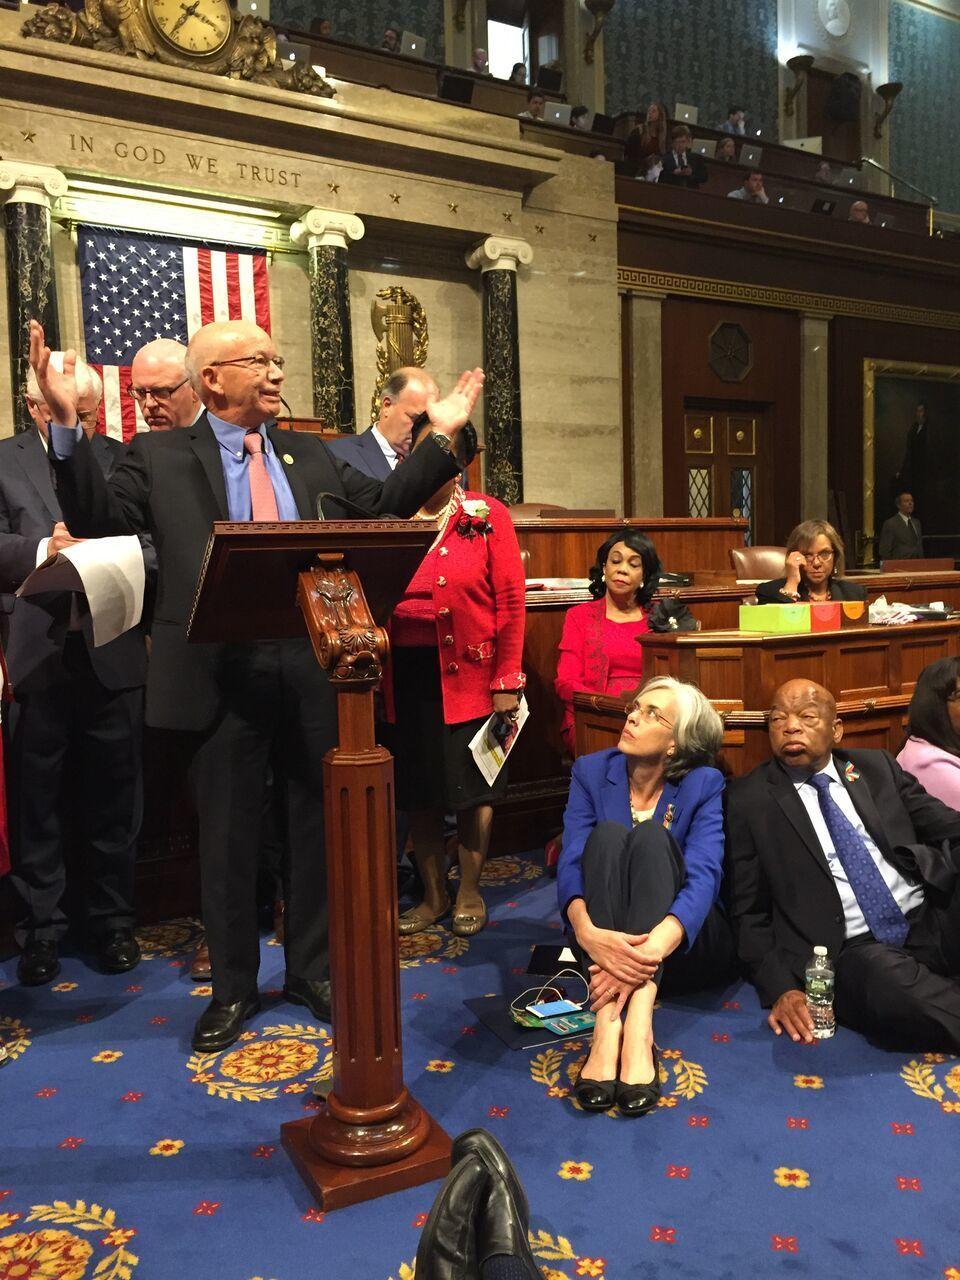 Un grupo de legisladores demócratas protestaron en el Congreso de EEUU contra el rechazo republicano a los controles de armas tras la masacre en Orlando (AP)